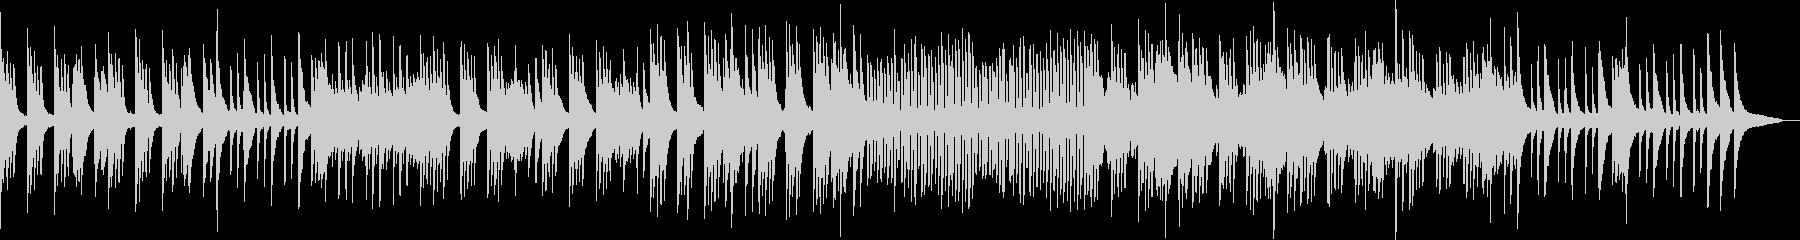 柔らかいタッチのピアノ曲の未再生の波形